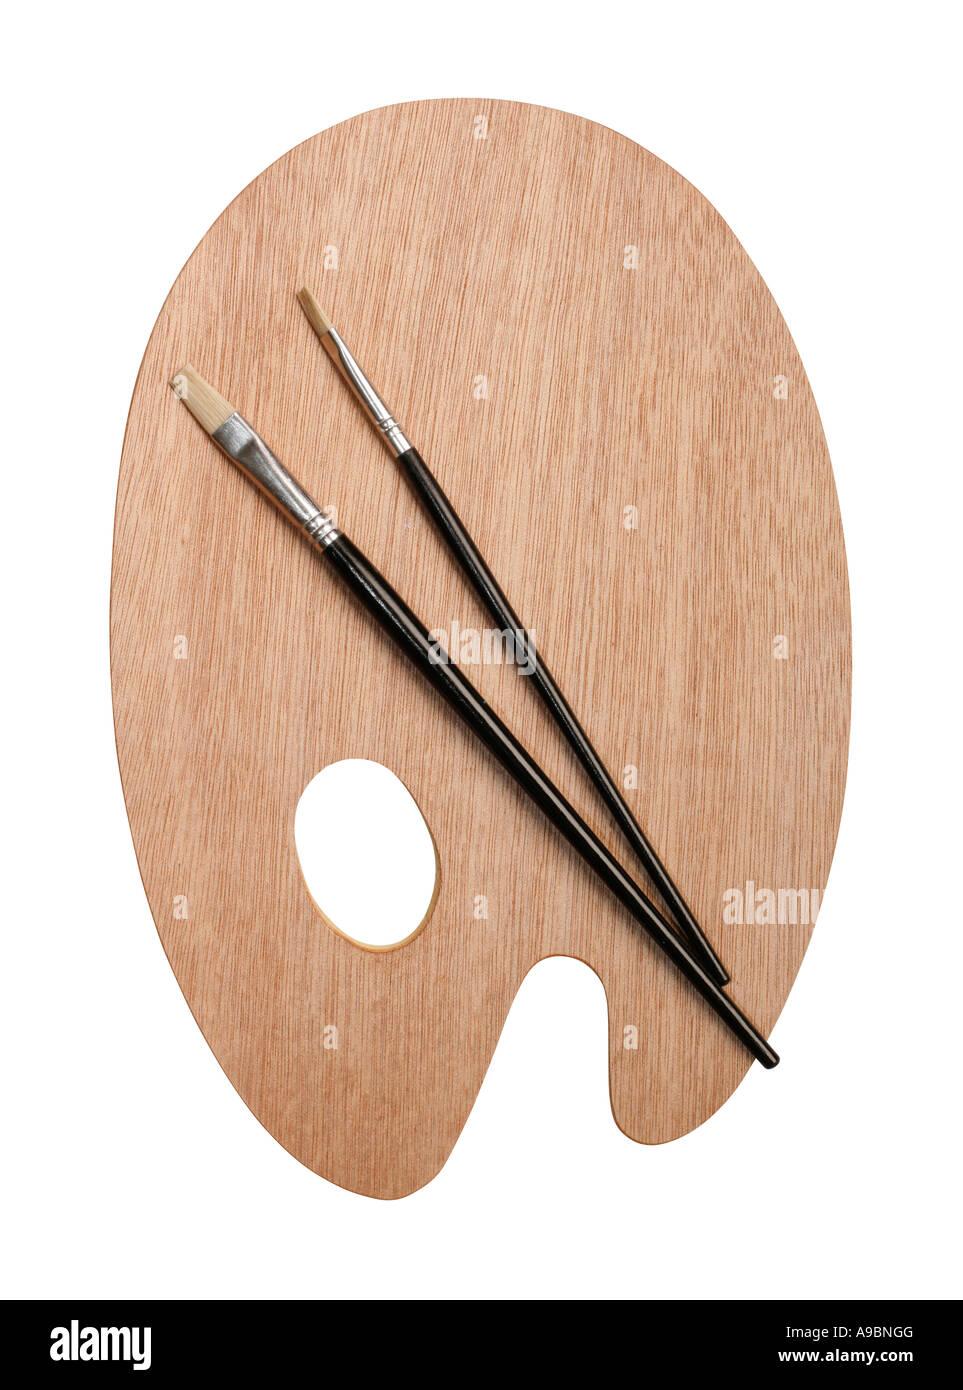 Artista tavolozza e pennello isolato su bianco con tracciato di ritaglio Immagini Stock